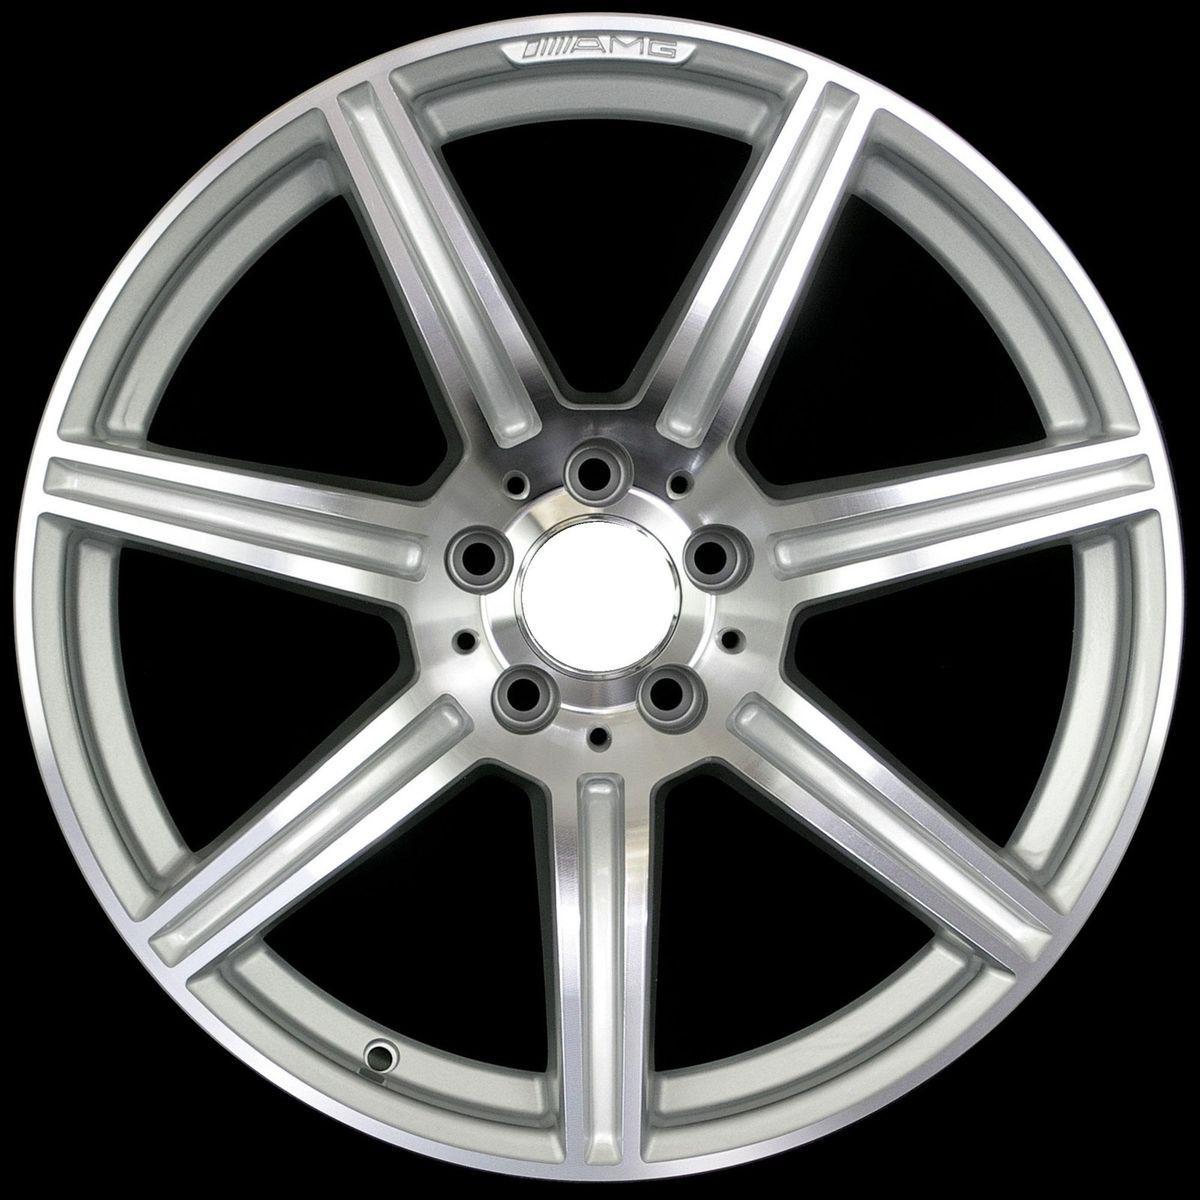 19 AMG E63 Style Staggered Wheels Rims Fit Mercedes SLK300 SLK320